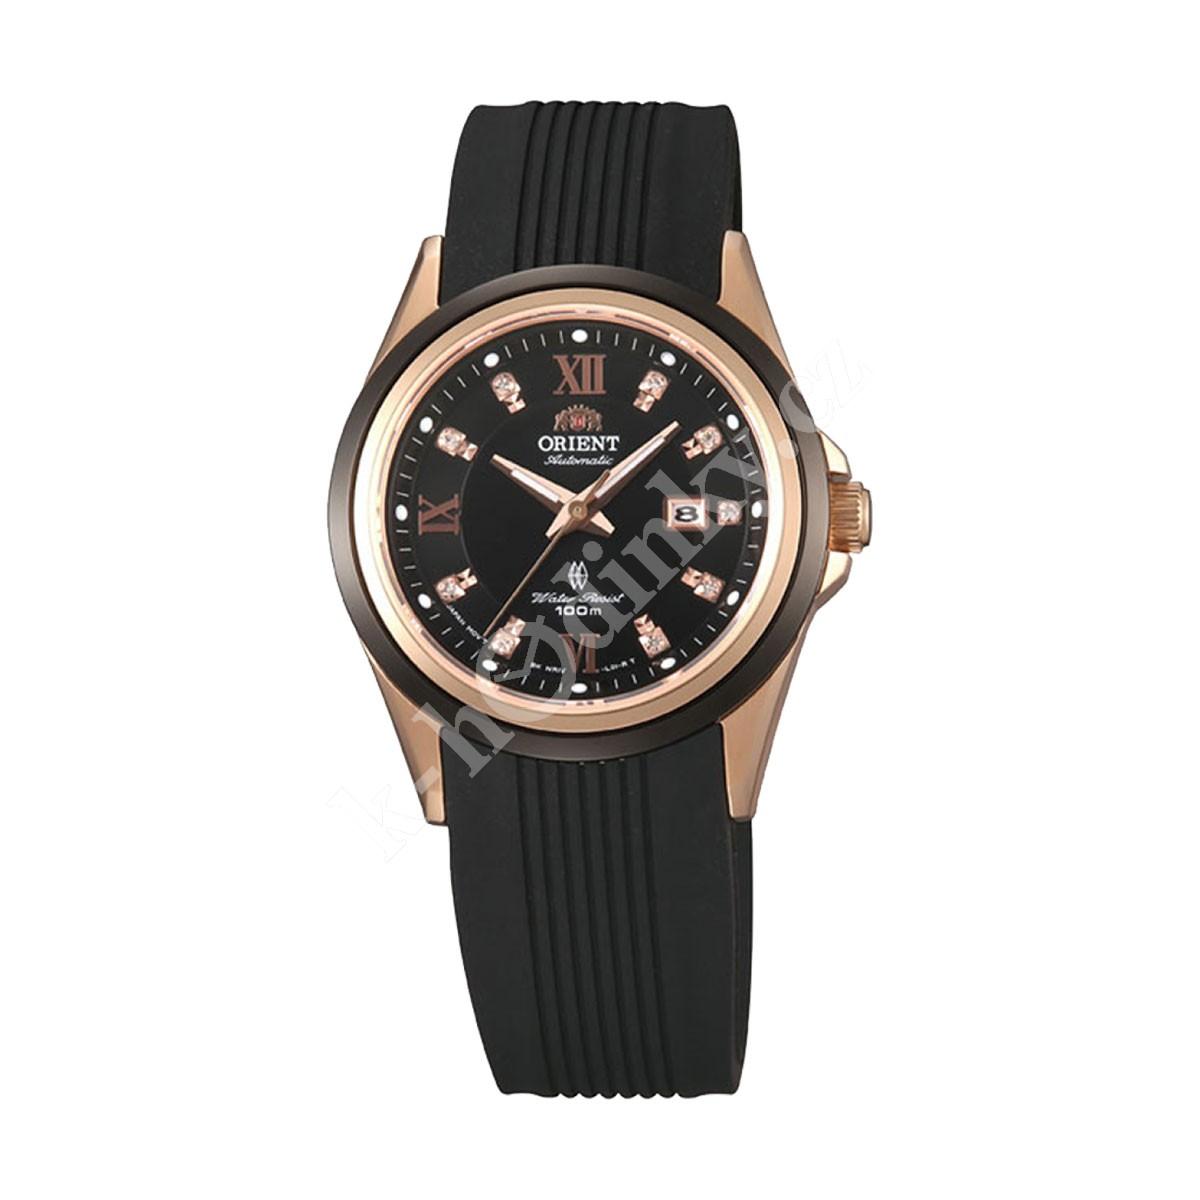 Dámské hodinky Orient FNR1V001B - Hodinky Casio a Citizen 89c3e0f9dd